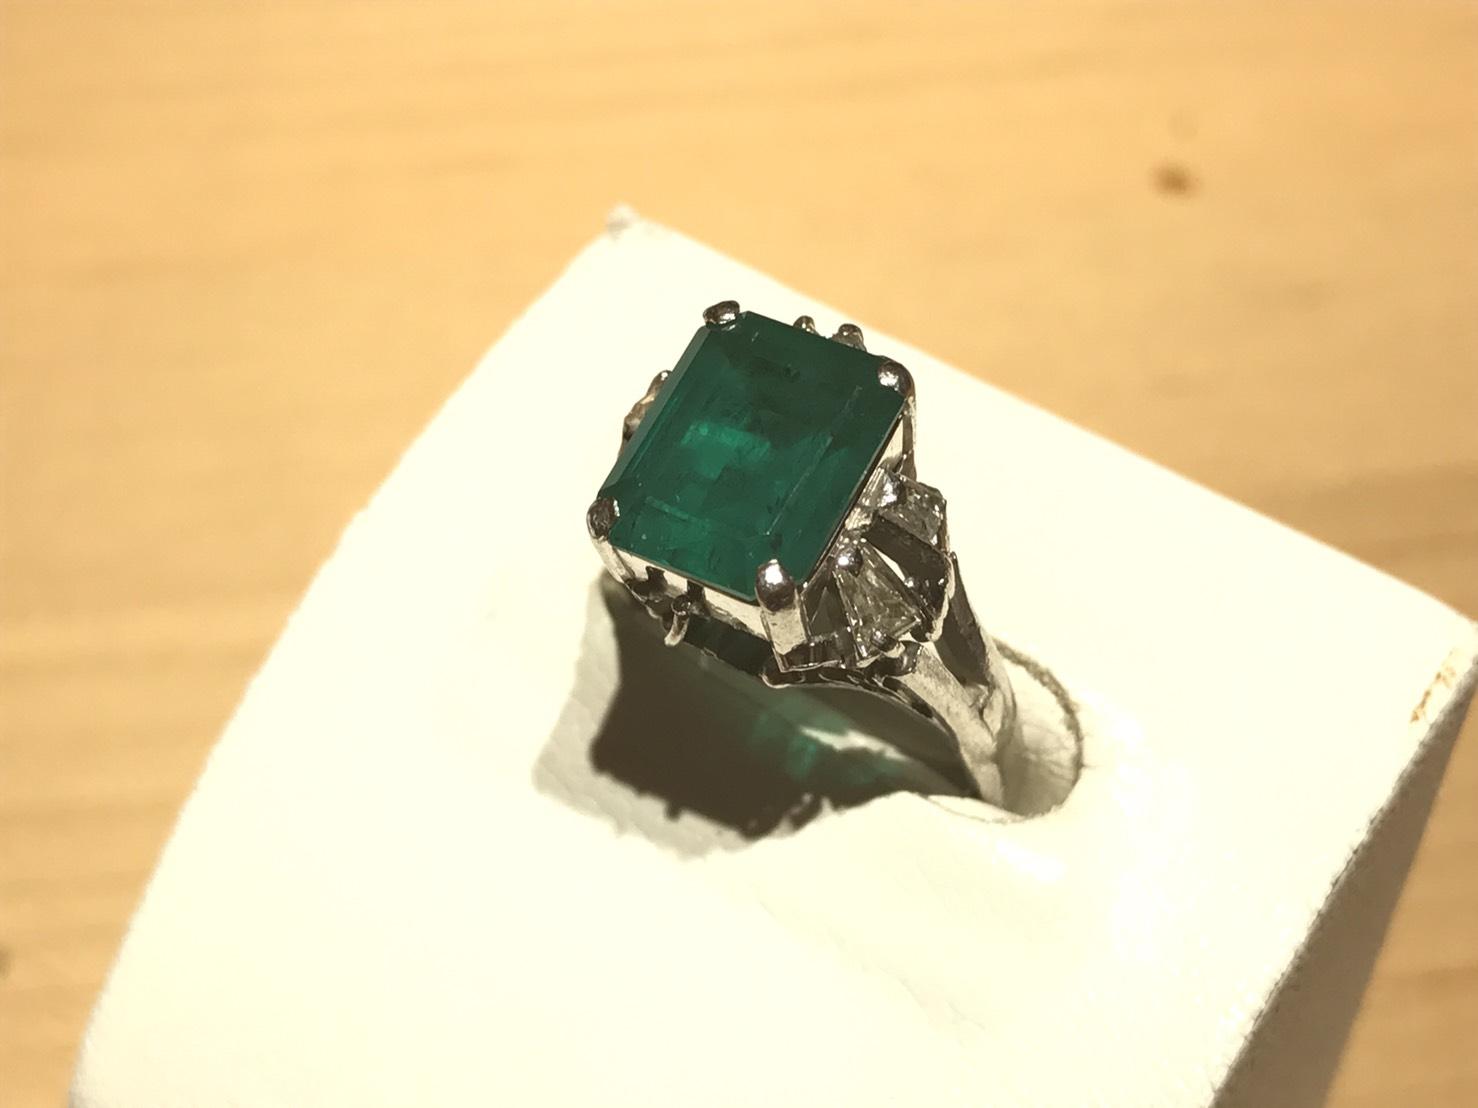 エメラルド リング メレダイヤモンド 指輪 プラチナ ジュエリー 京都 左京区 北山店